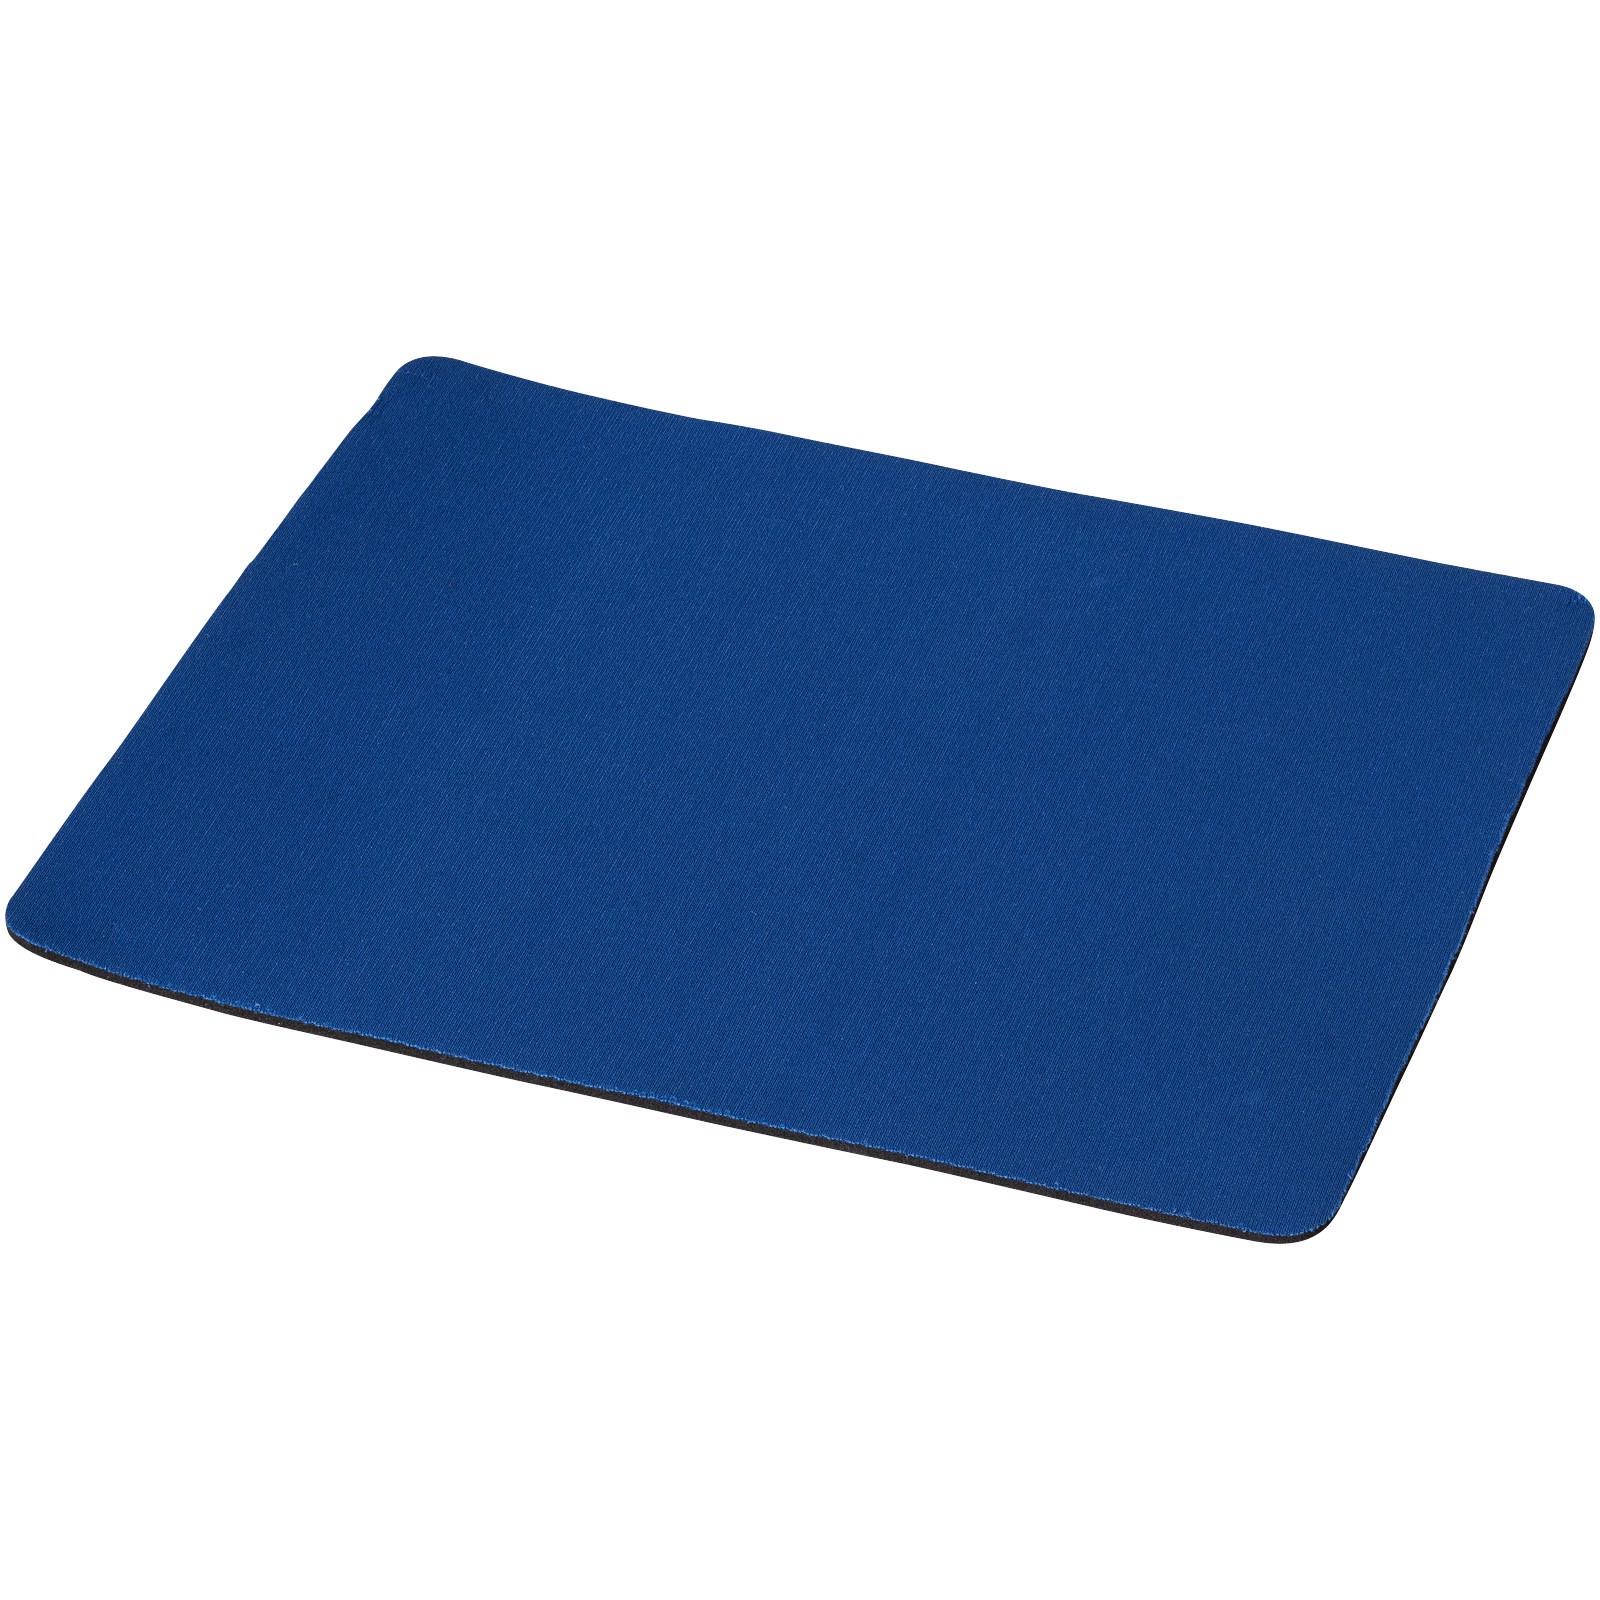 Heli flexible mouse pad - Blue